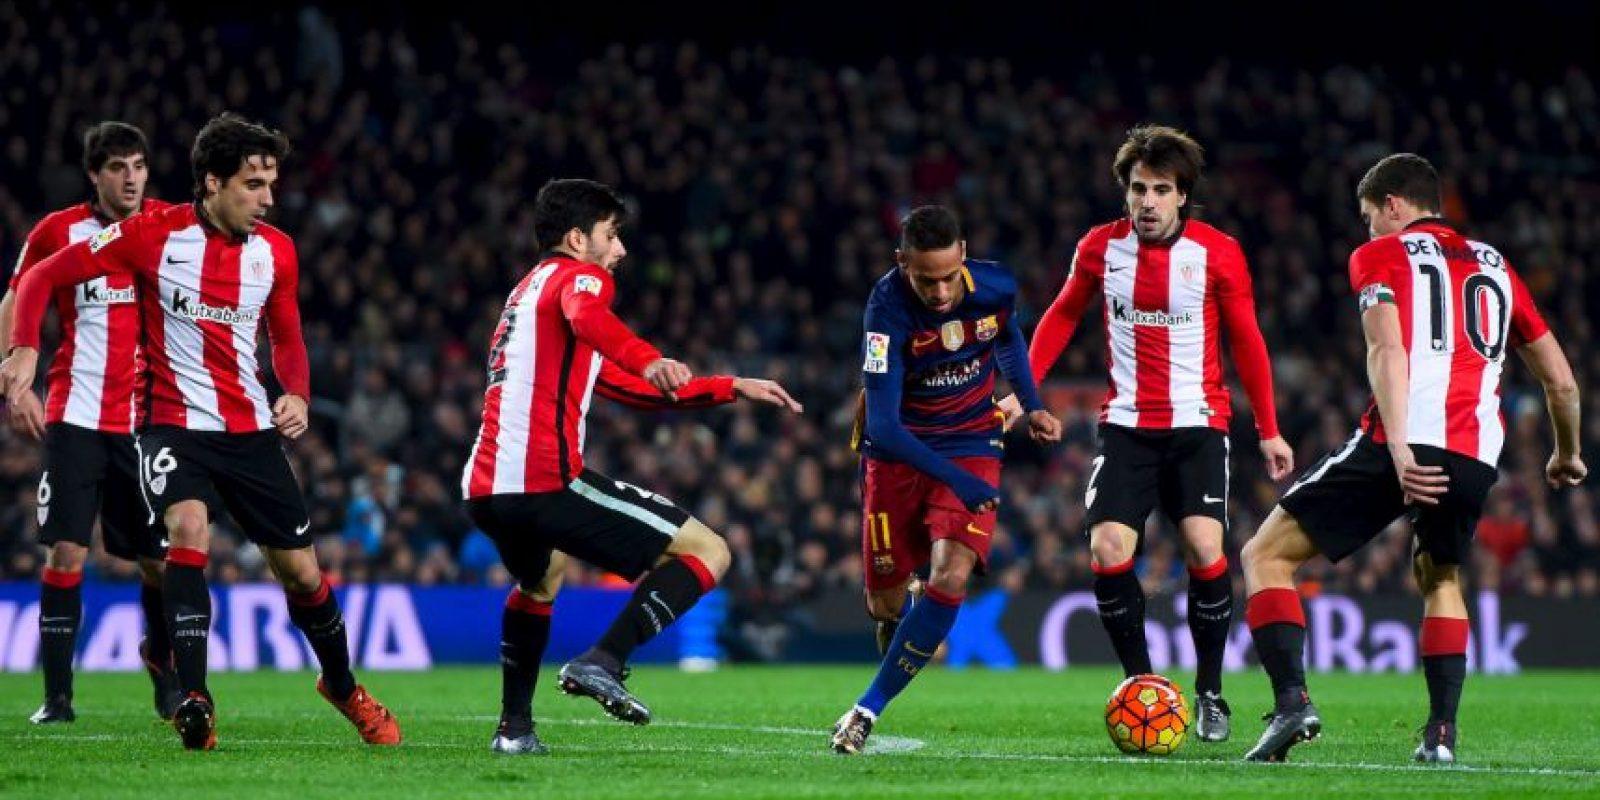 Athletic de Bilbao recibe al Barcelona en los cuartos de final de la Copa del Rey Foto:Getty Images